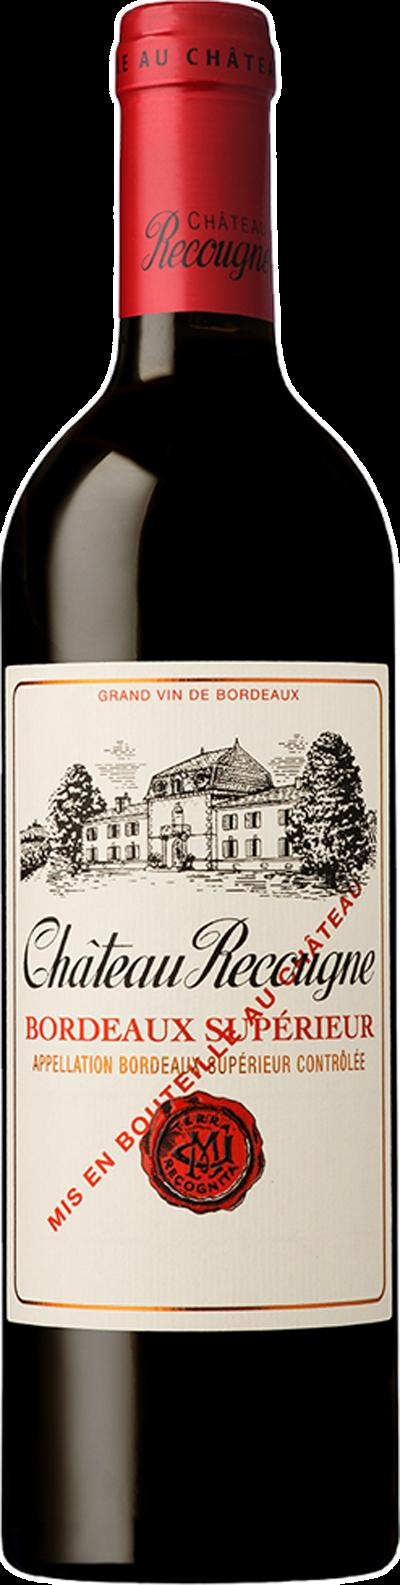 Château Recougne - Bordeaux supérieur